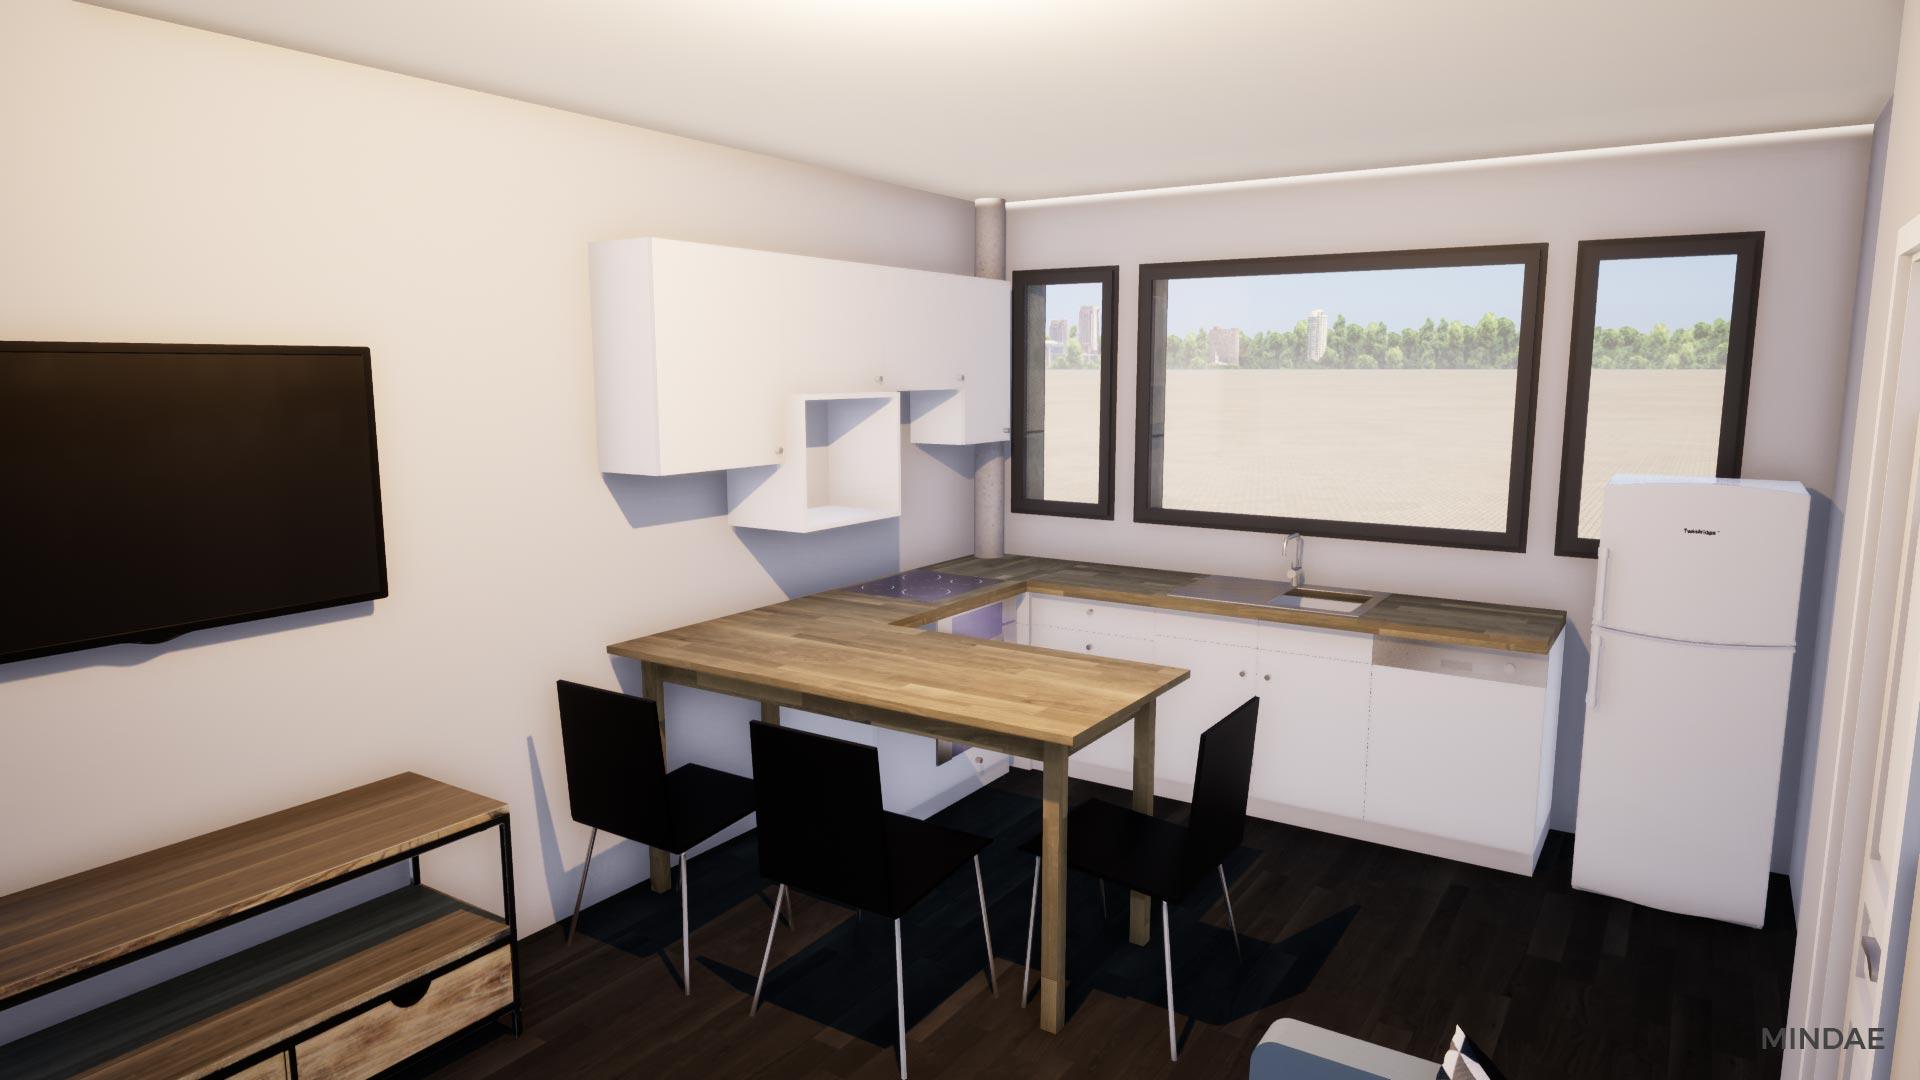 Mindae_3D_AS_immobilier_salon_cuisine_etudiant_colocation_investisseur_amenagement_interieur_caen_projet_B-(3)